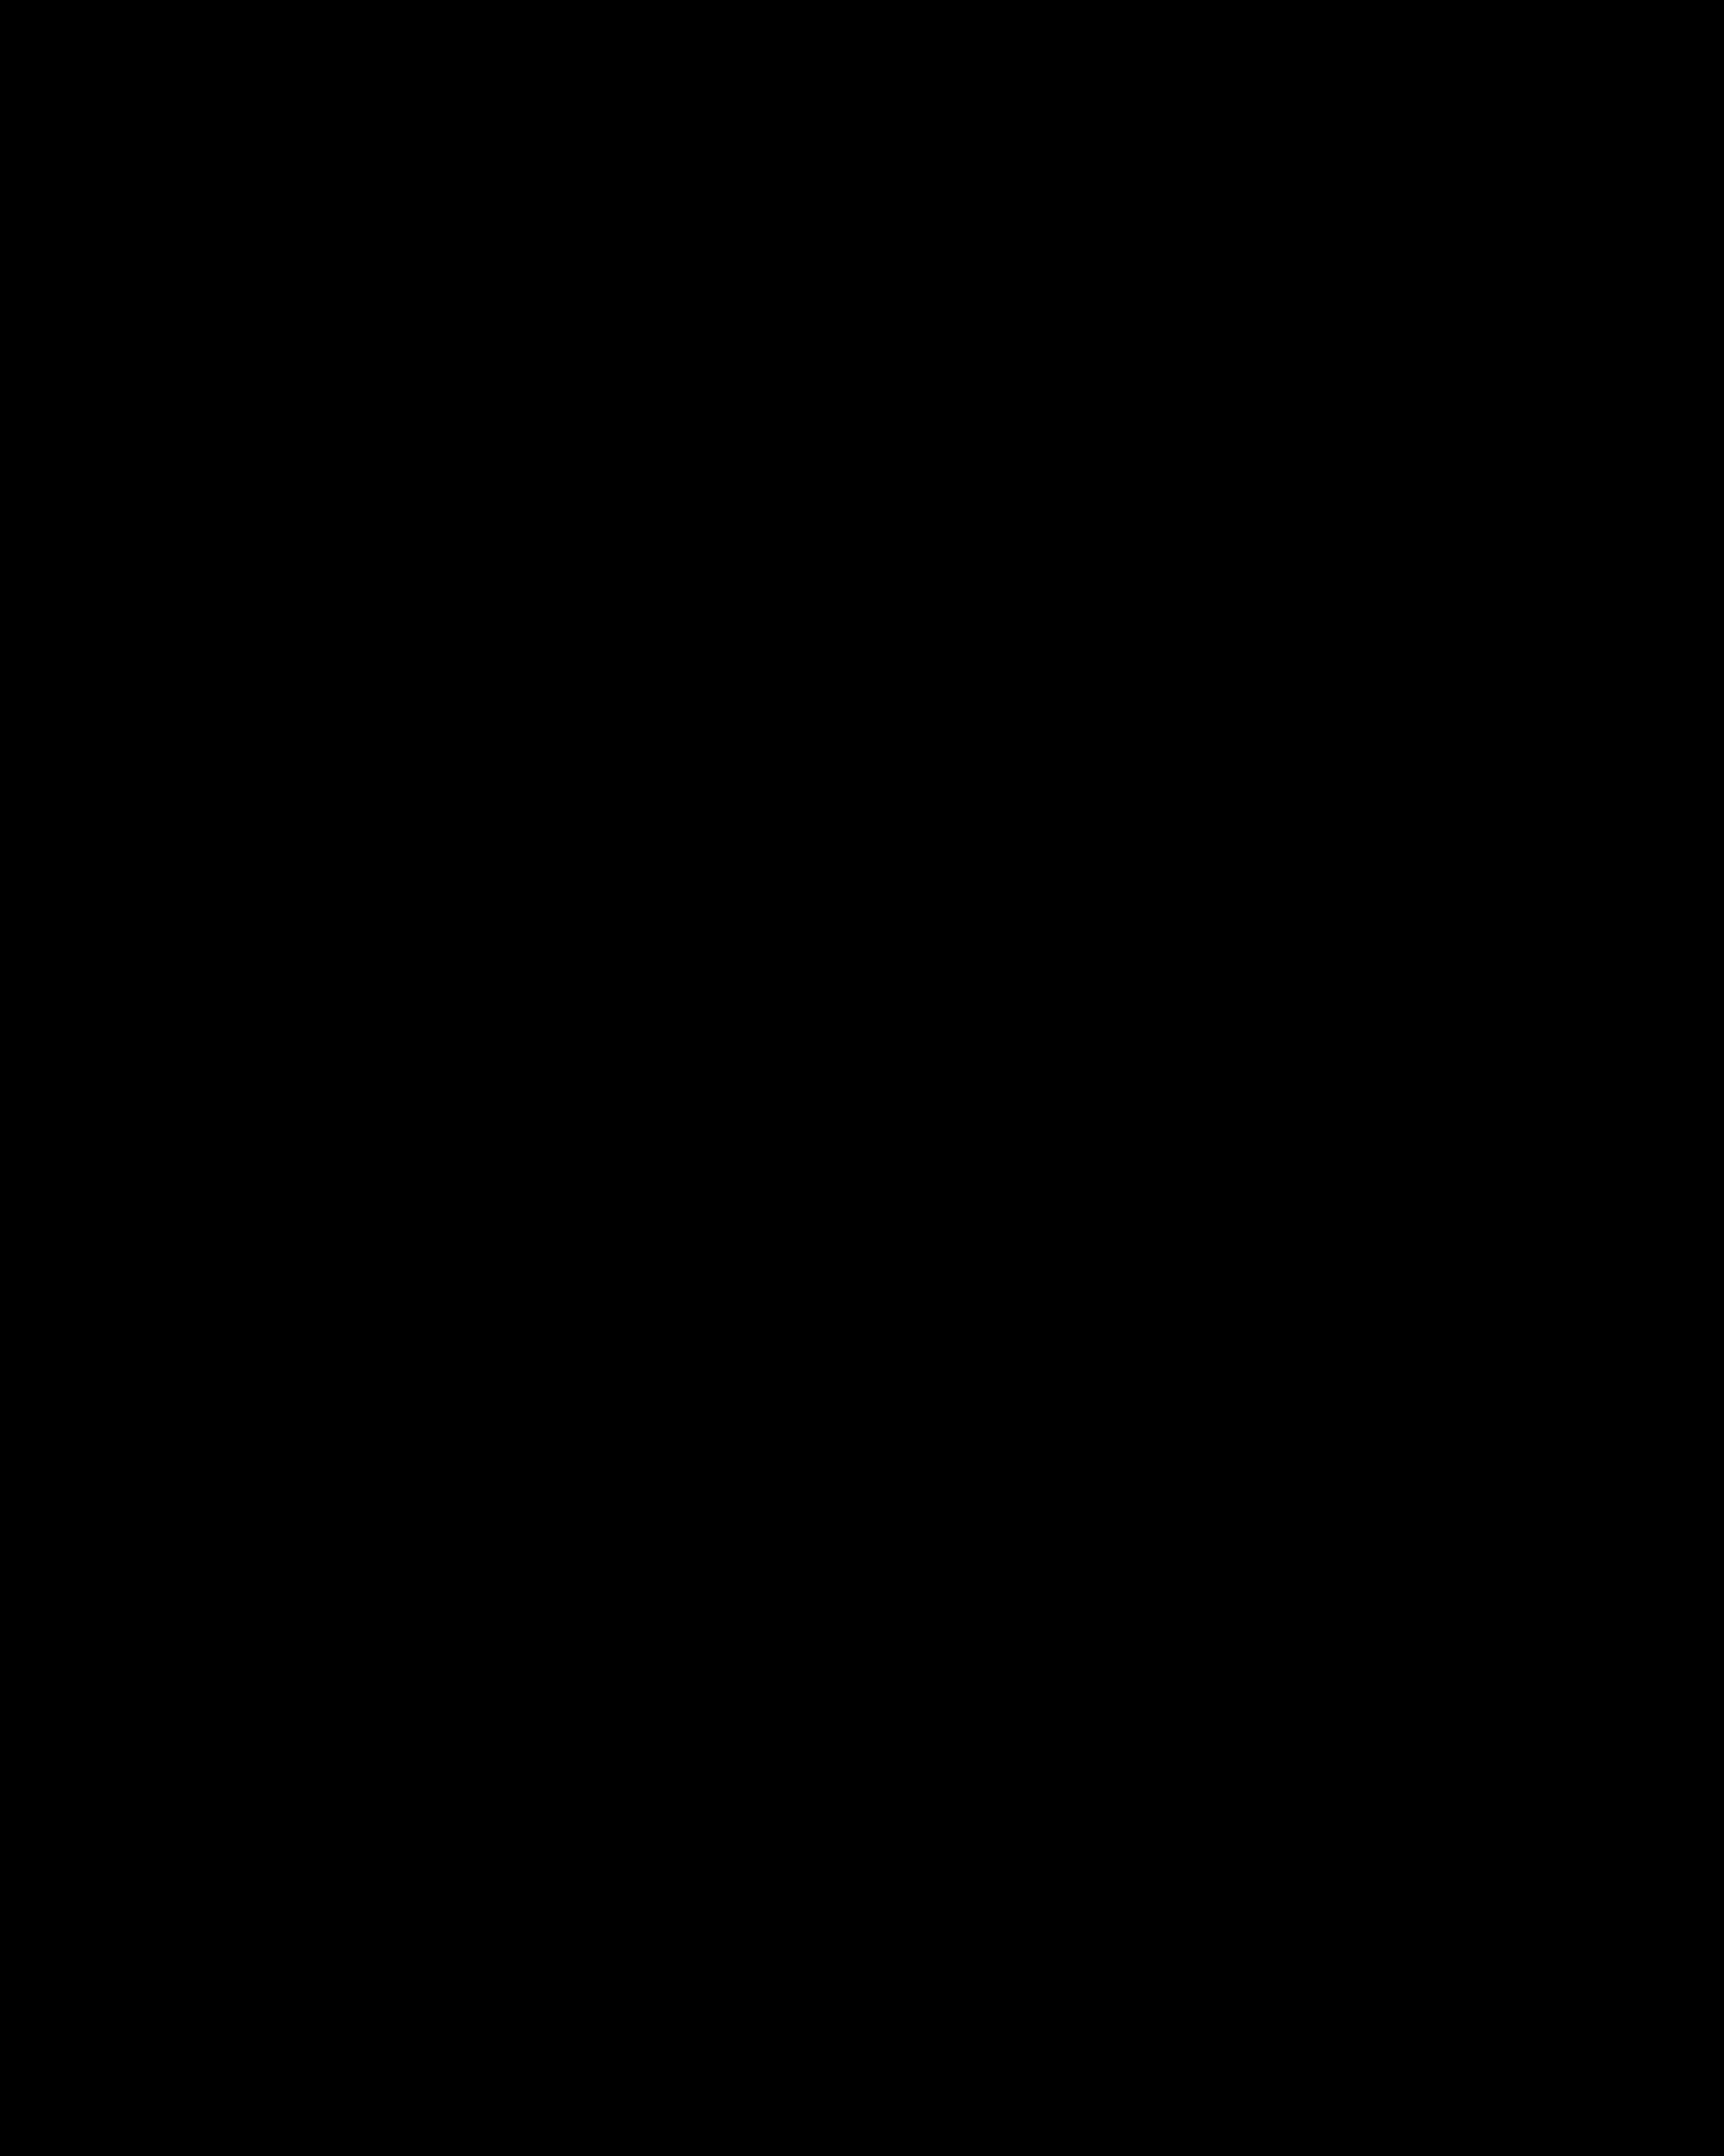 ノクターン9−2